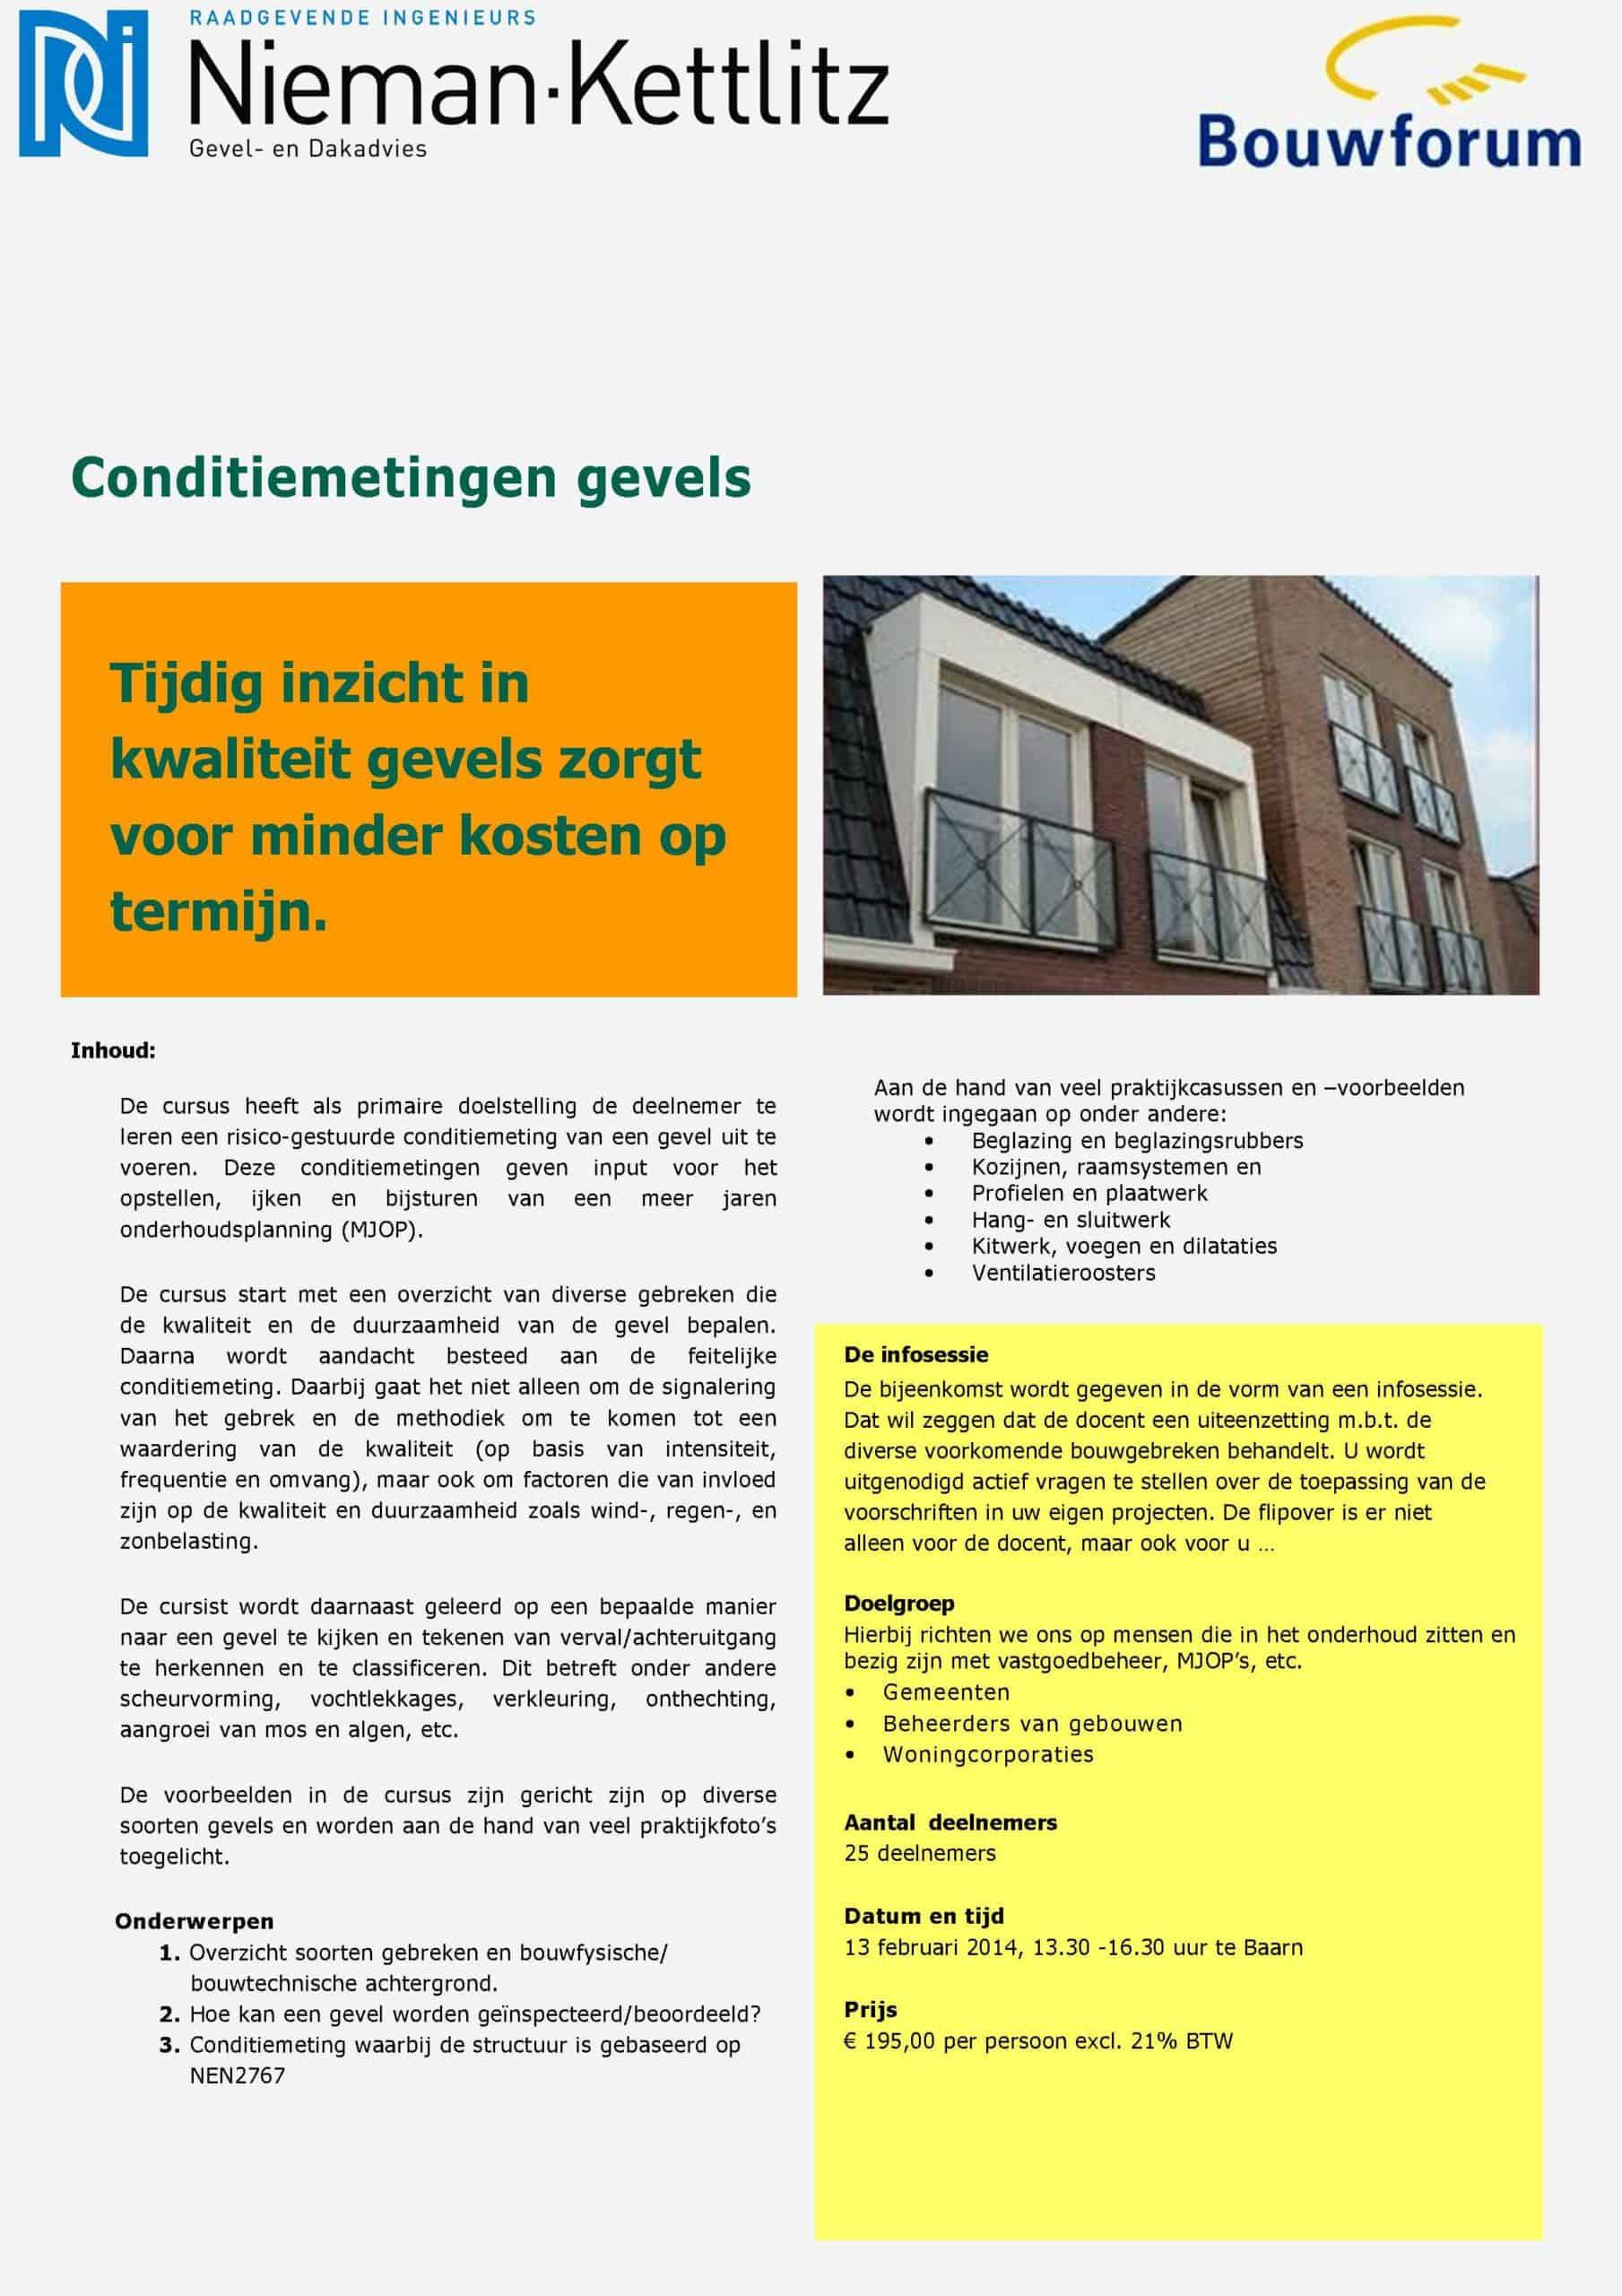 01-Info-Conditiemetingen-gevels-1-scaled